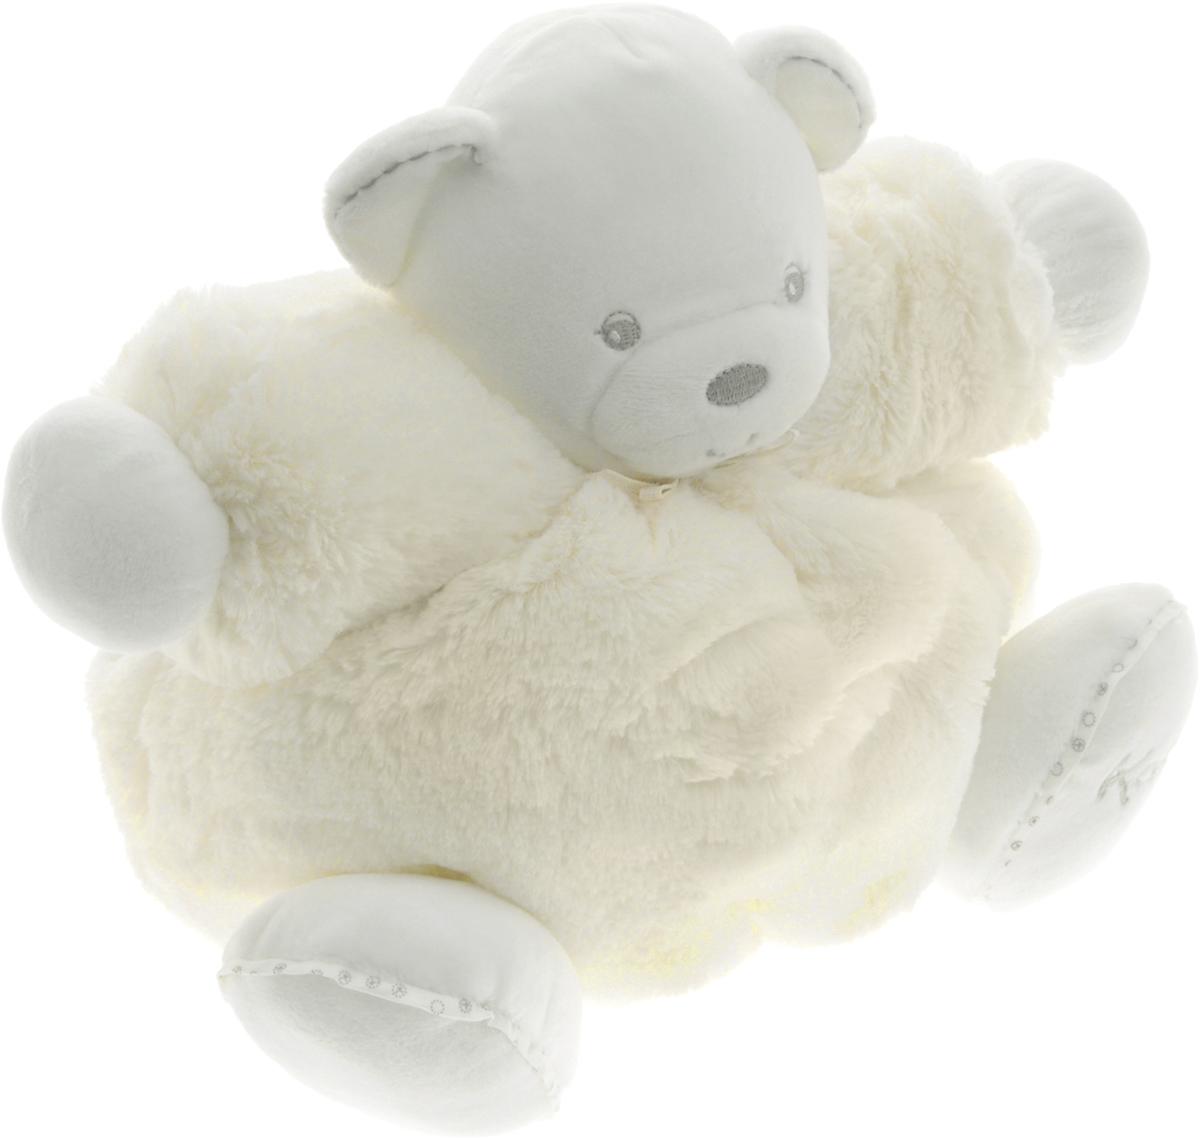 Kaloo Мягкая игрушка Мишка цвет кремовый 22 смK962144Великолепная мягкая игрушка Kaloo Мишка выполнена из качественных и безопасных для здоровья детей материалов, которые не вызывают аллергии, приятны на ощупь и доставляют большое удовольствие во время игр. Медвежонок представлен в кремовом цвете, на левой лапке - вышит фирменный логотип бренда. Внутри игрушки находится погремушка, которая успокоит малыша и привлечет его внимание. Игры с мягкими игрушками развивают тактильную чувствительность и сенсорное восприятие. После стирки изделие не деформируется и не меняет внешний вид. Все игрушки Kaloo прошли множественные тесты и соответствуют мировым стандартам безопасности. Именно поэтому игрушки рекомендованы для детей с рождения, что отличает их от большинства производителей мягких игрушек. Дизайнеры Kaloo продумывают и придают значение каждому этапу в производстве игрушек, начиная от эскиза и заканчивая упаковкой готового изделия.